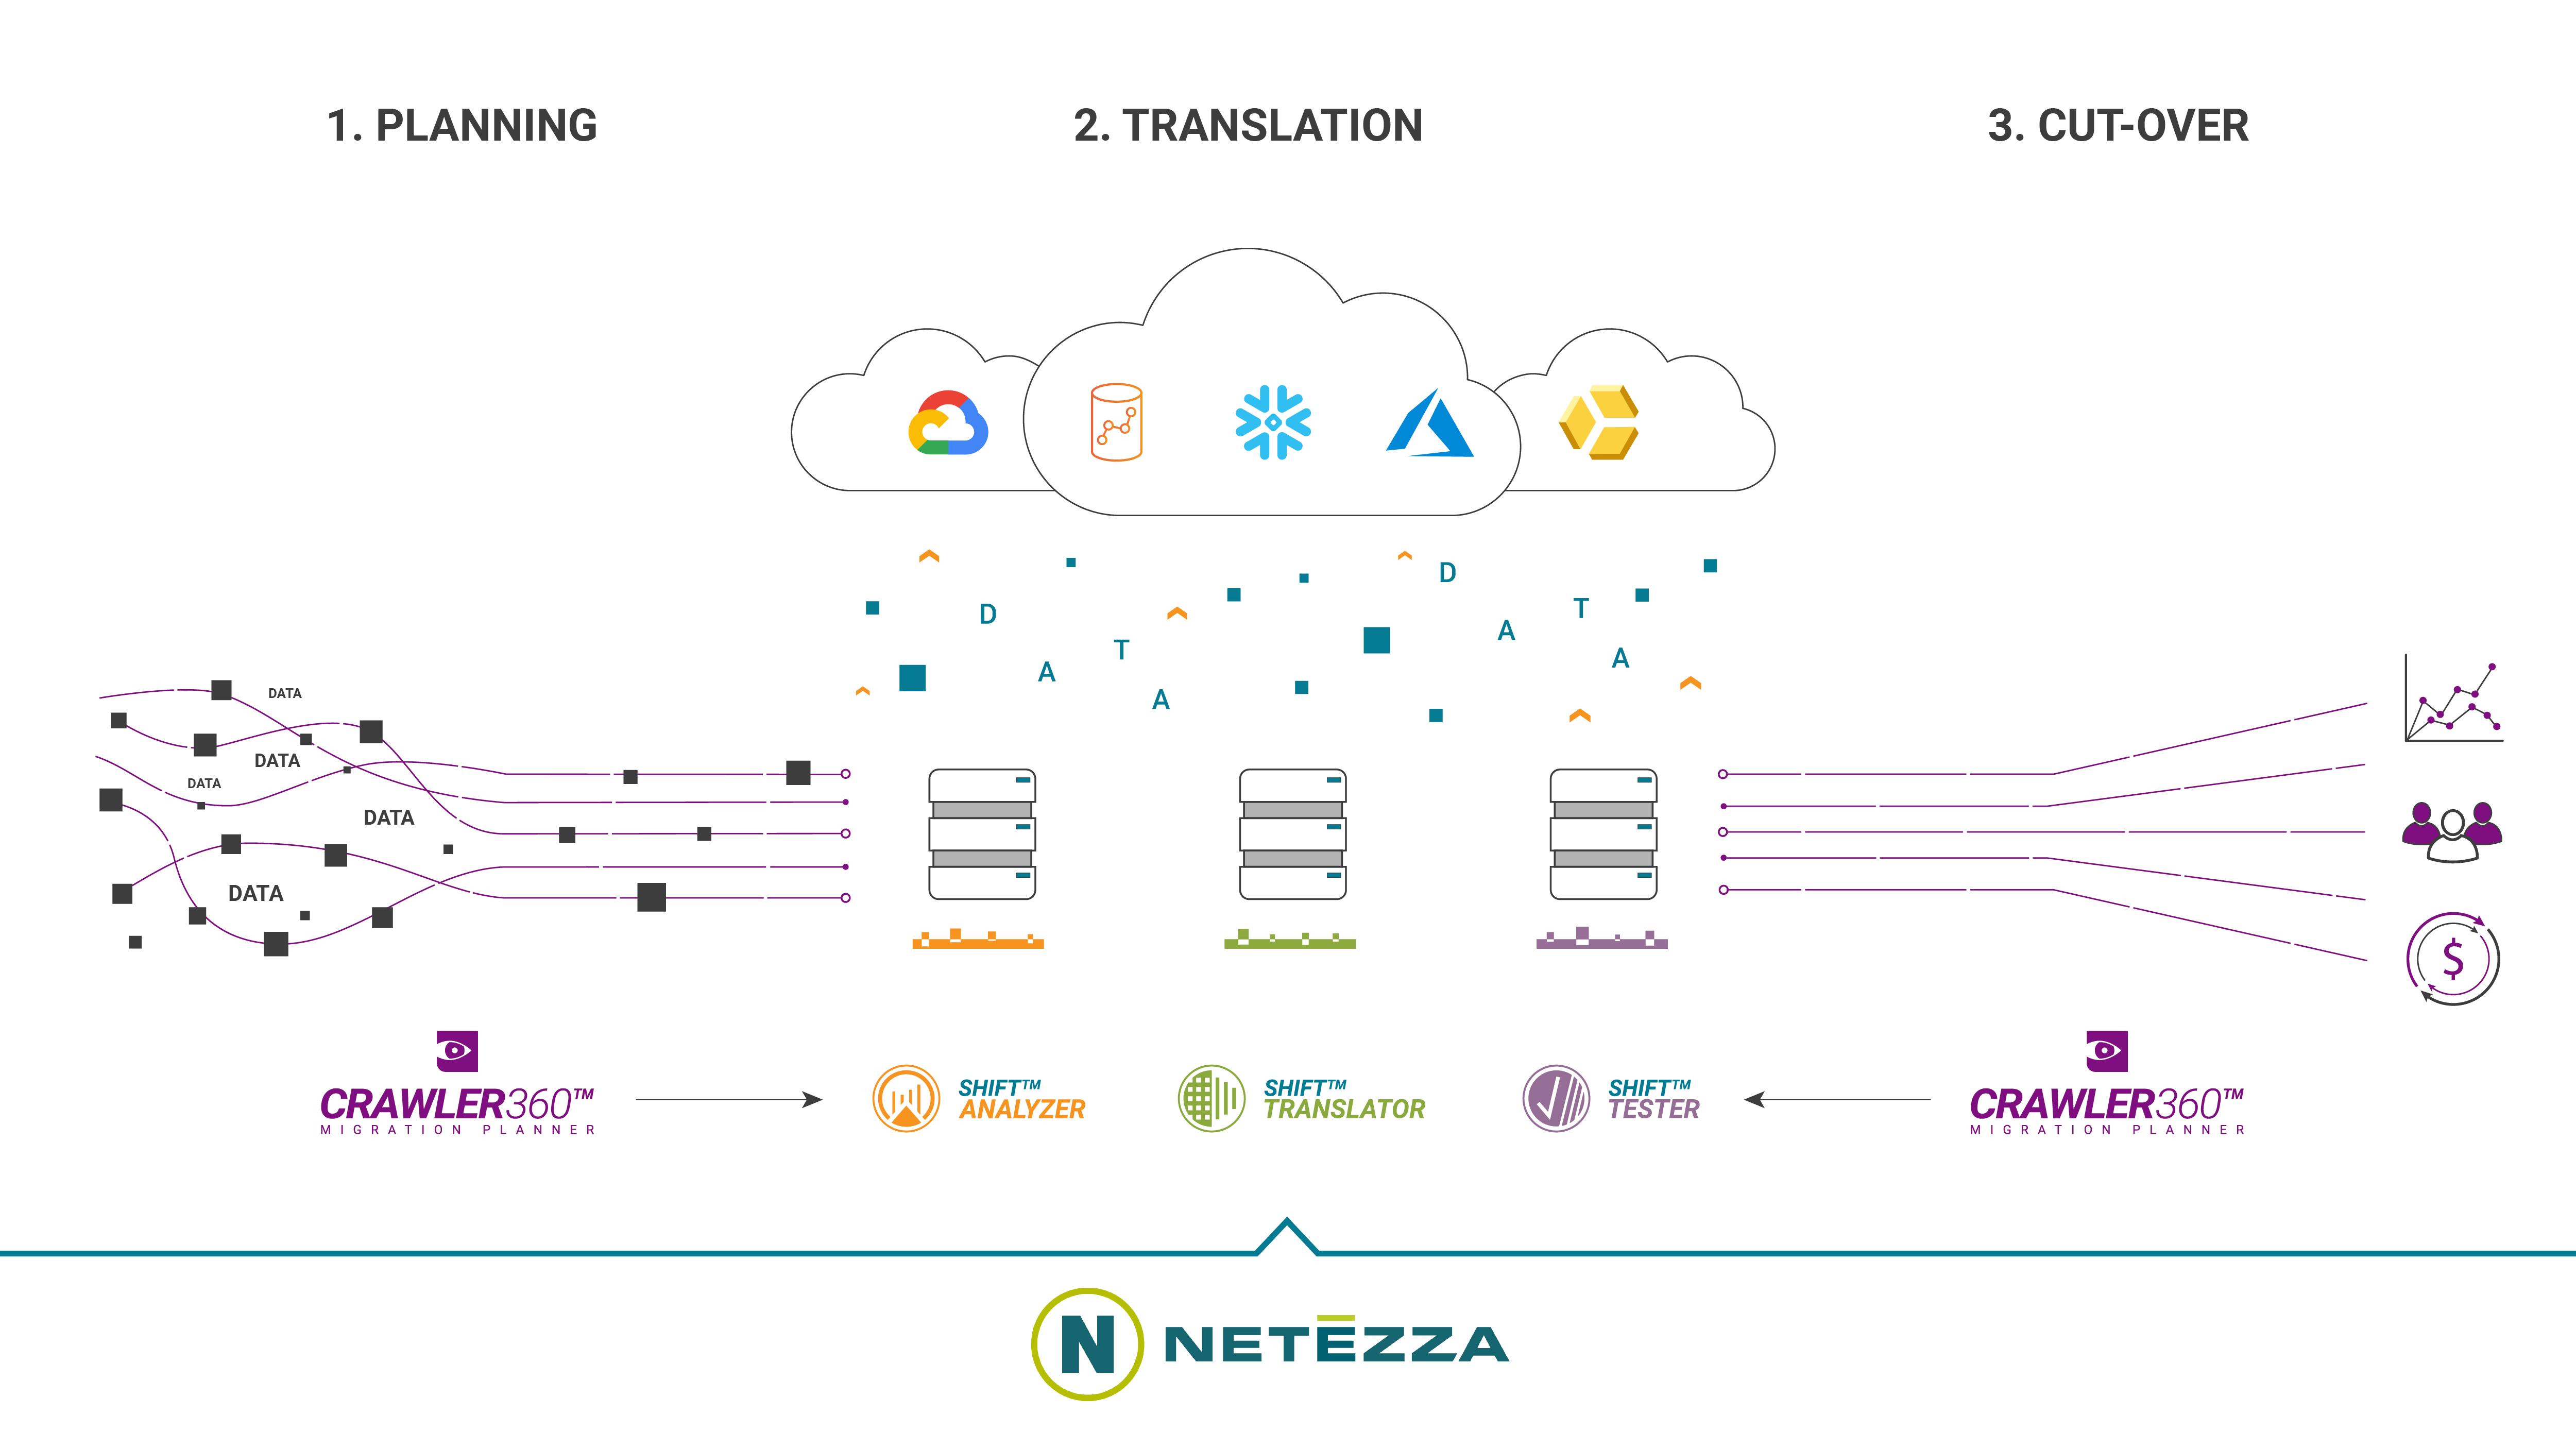 Netezza Migration Diagram